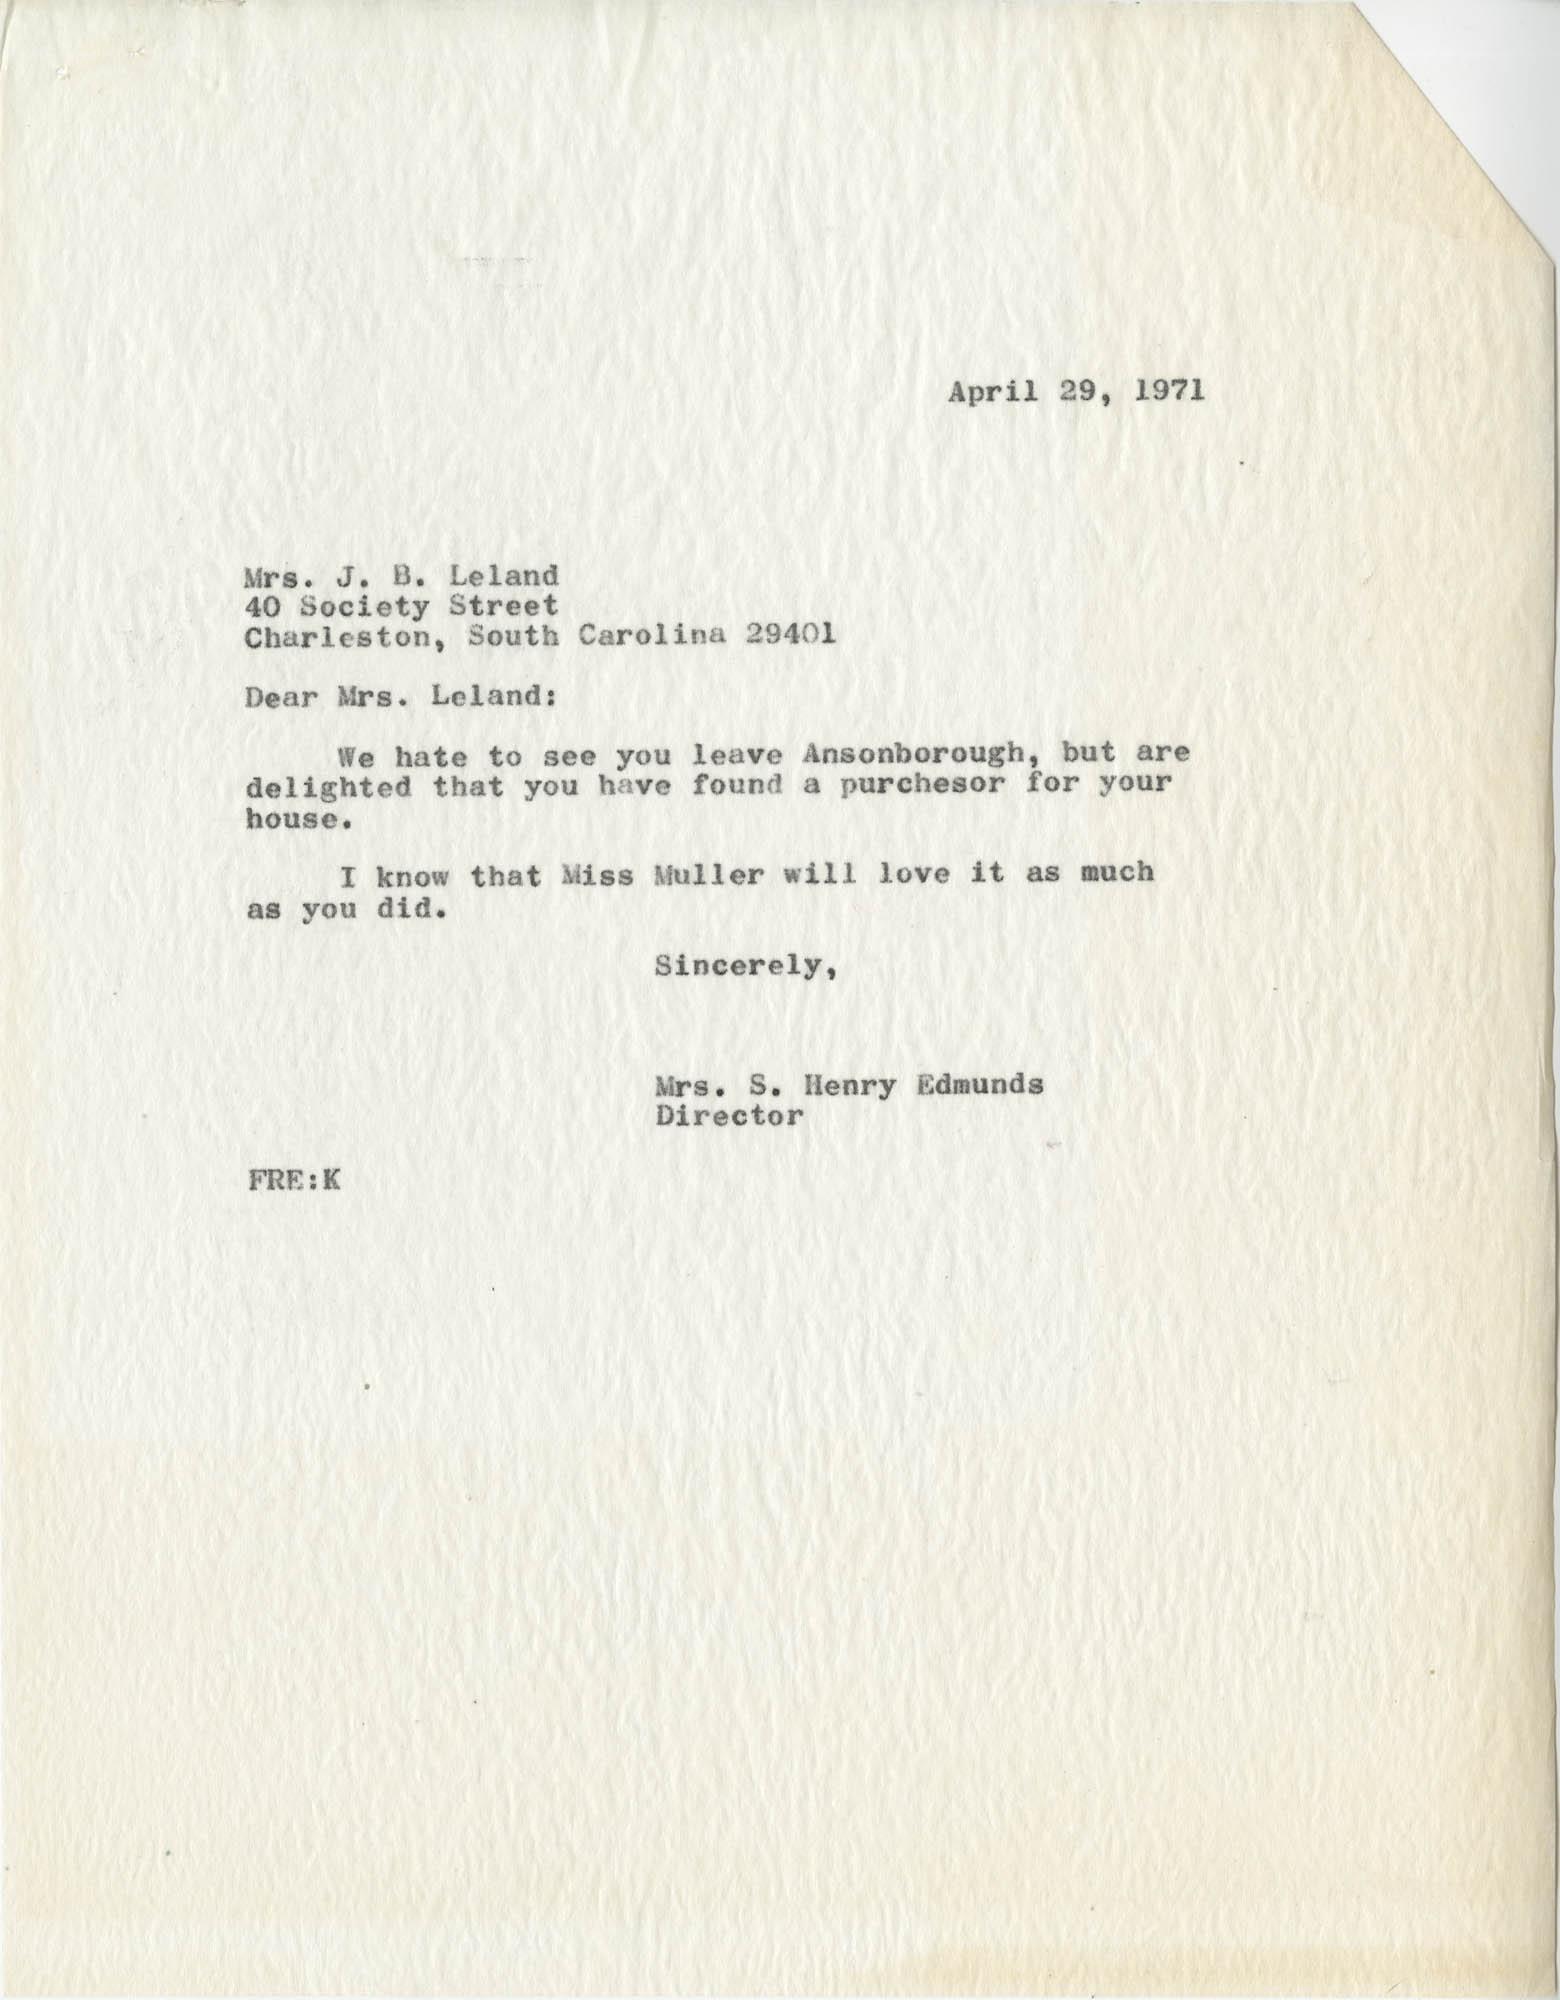 Letter from Mrs. S. Henry Edmunds to Mrs. J B. Leland